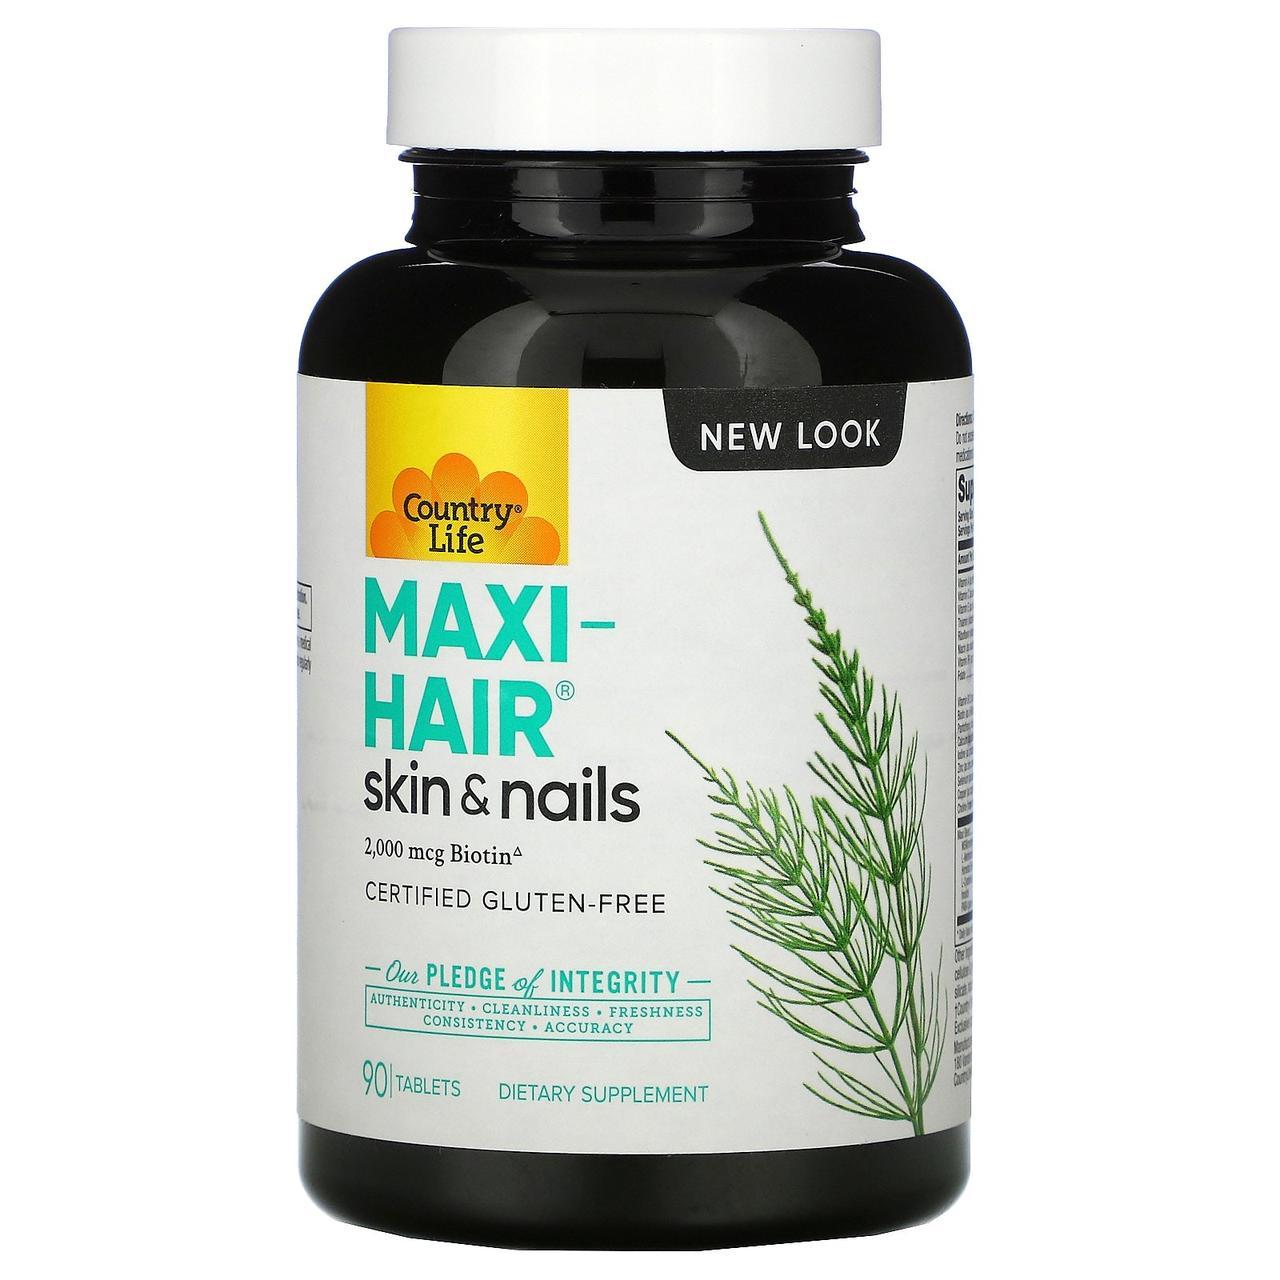 Комплексні вітаміни для росту волосся і зміцнення нігтів Country Life, Gluten Free, Maxi-Hair, 90 таблеток